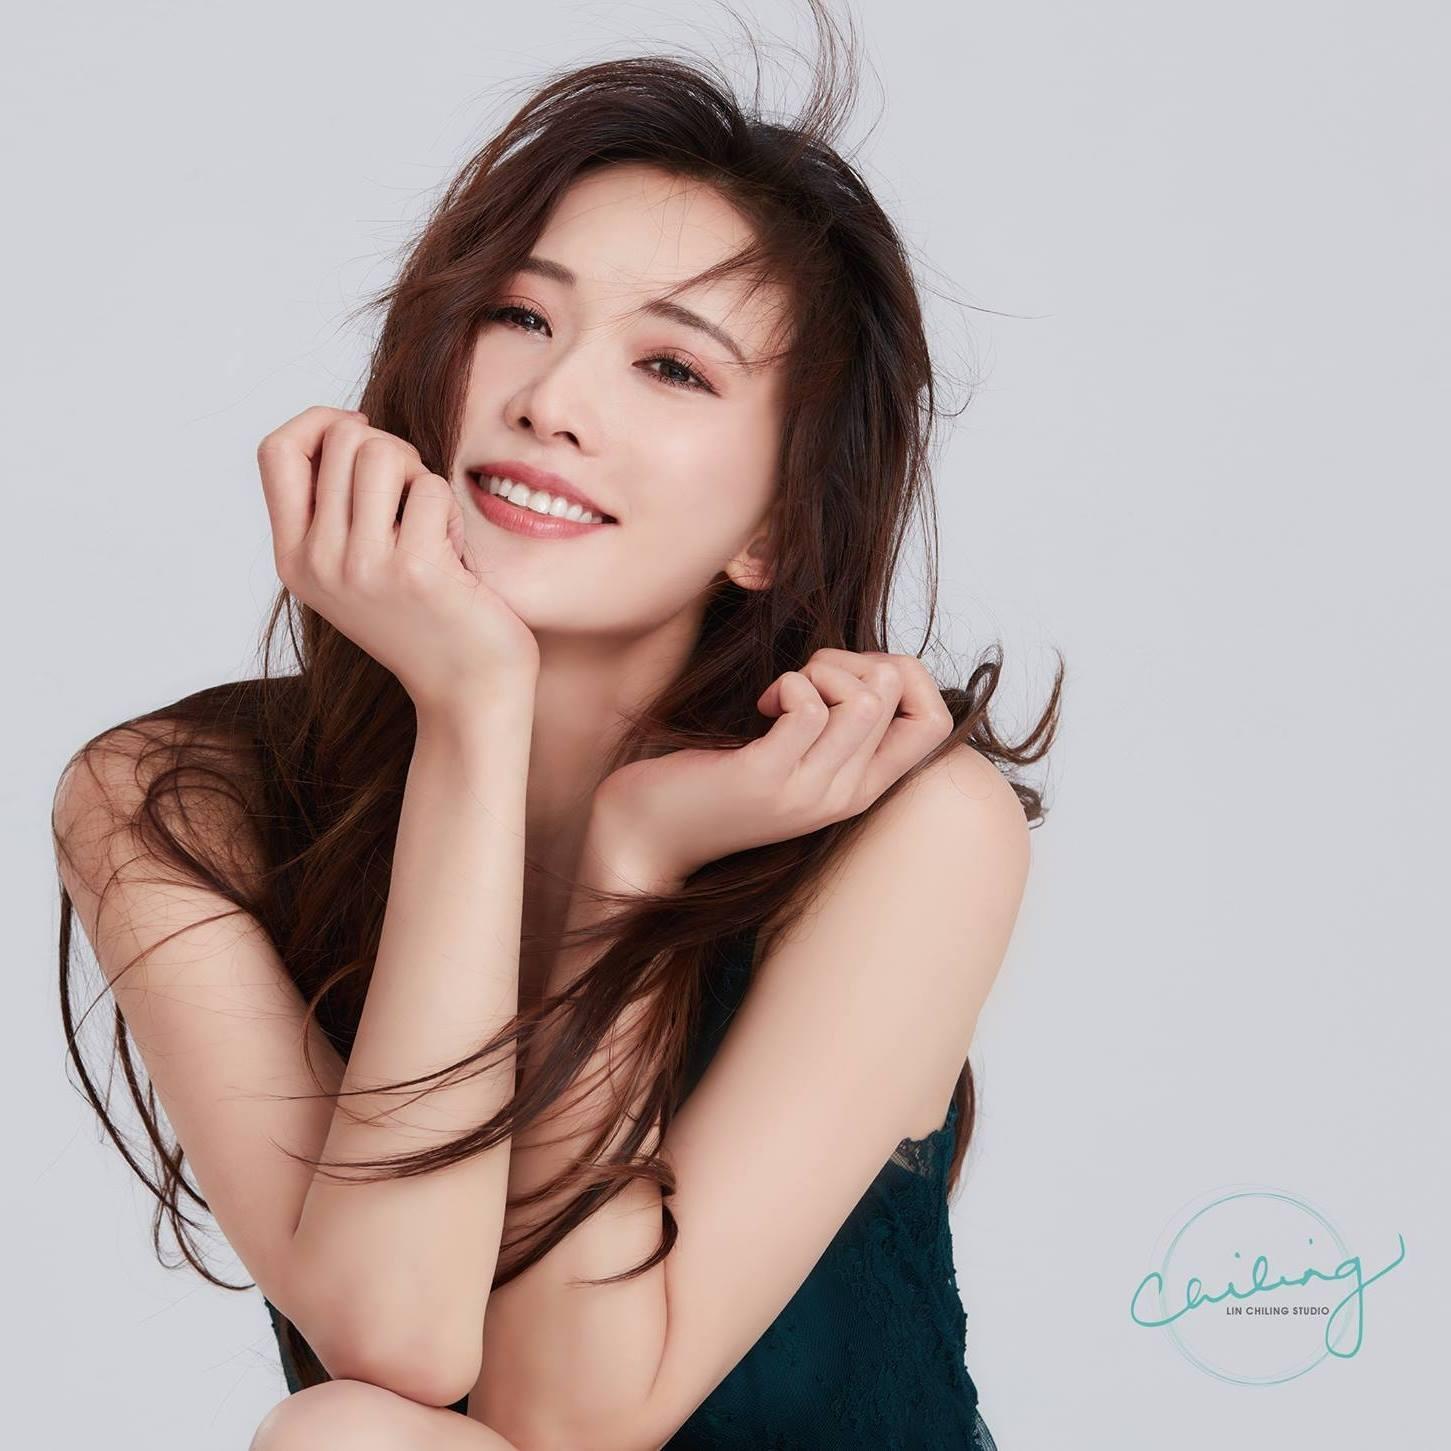 林志玲赤脚敬业热舞却遭质疑:第一名模也要为网络歌手伴舞?